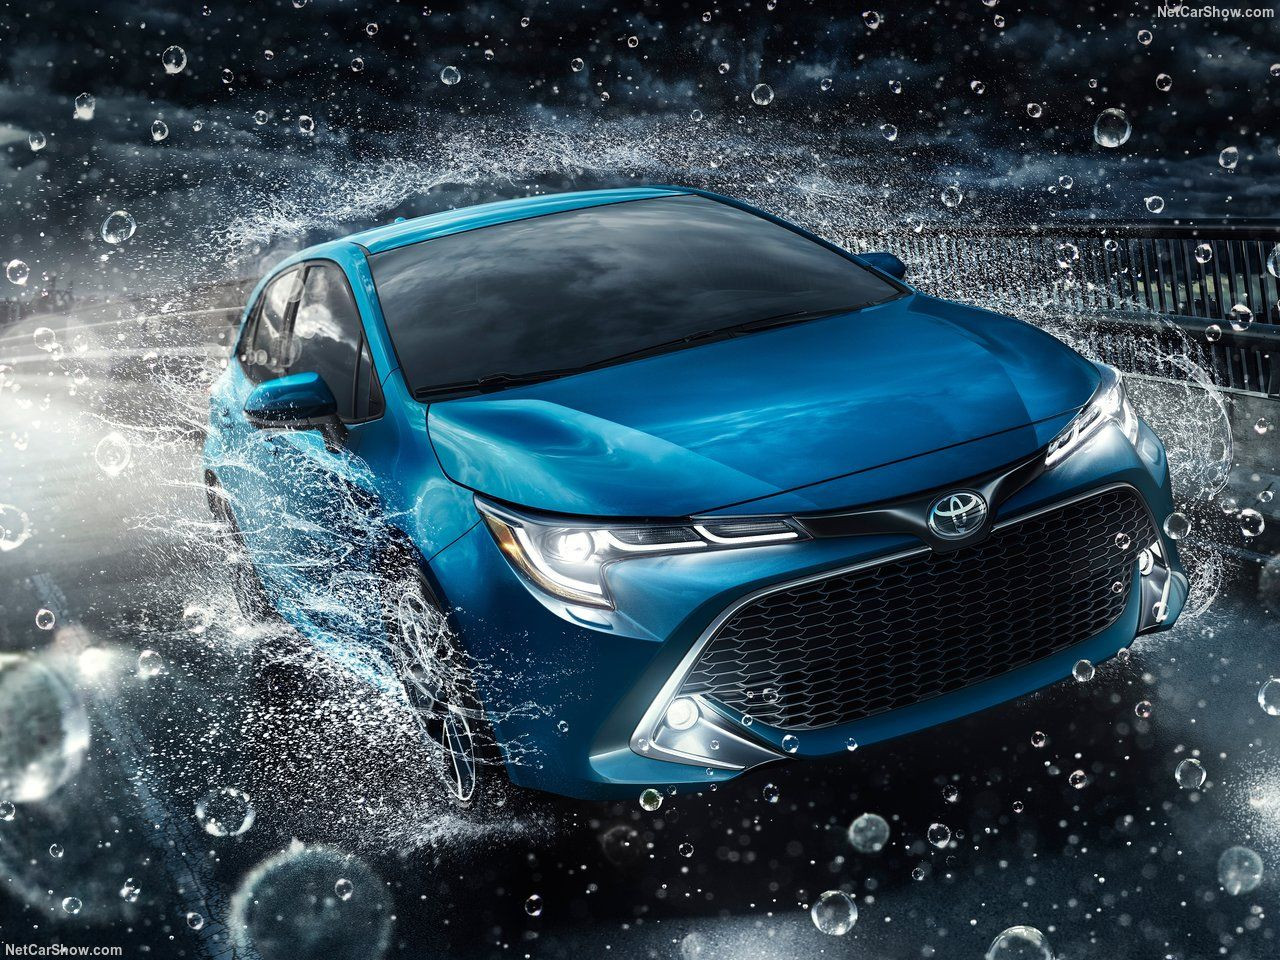 Toyota'nın yeni üyesi Corolla Hatchback 2019 - Page 4